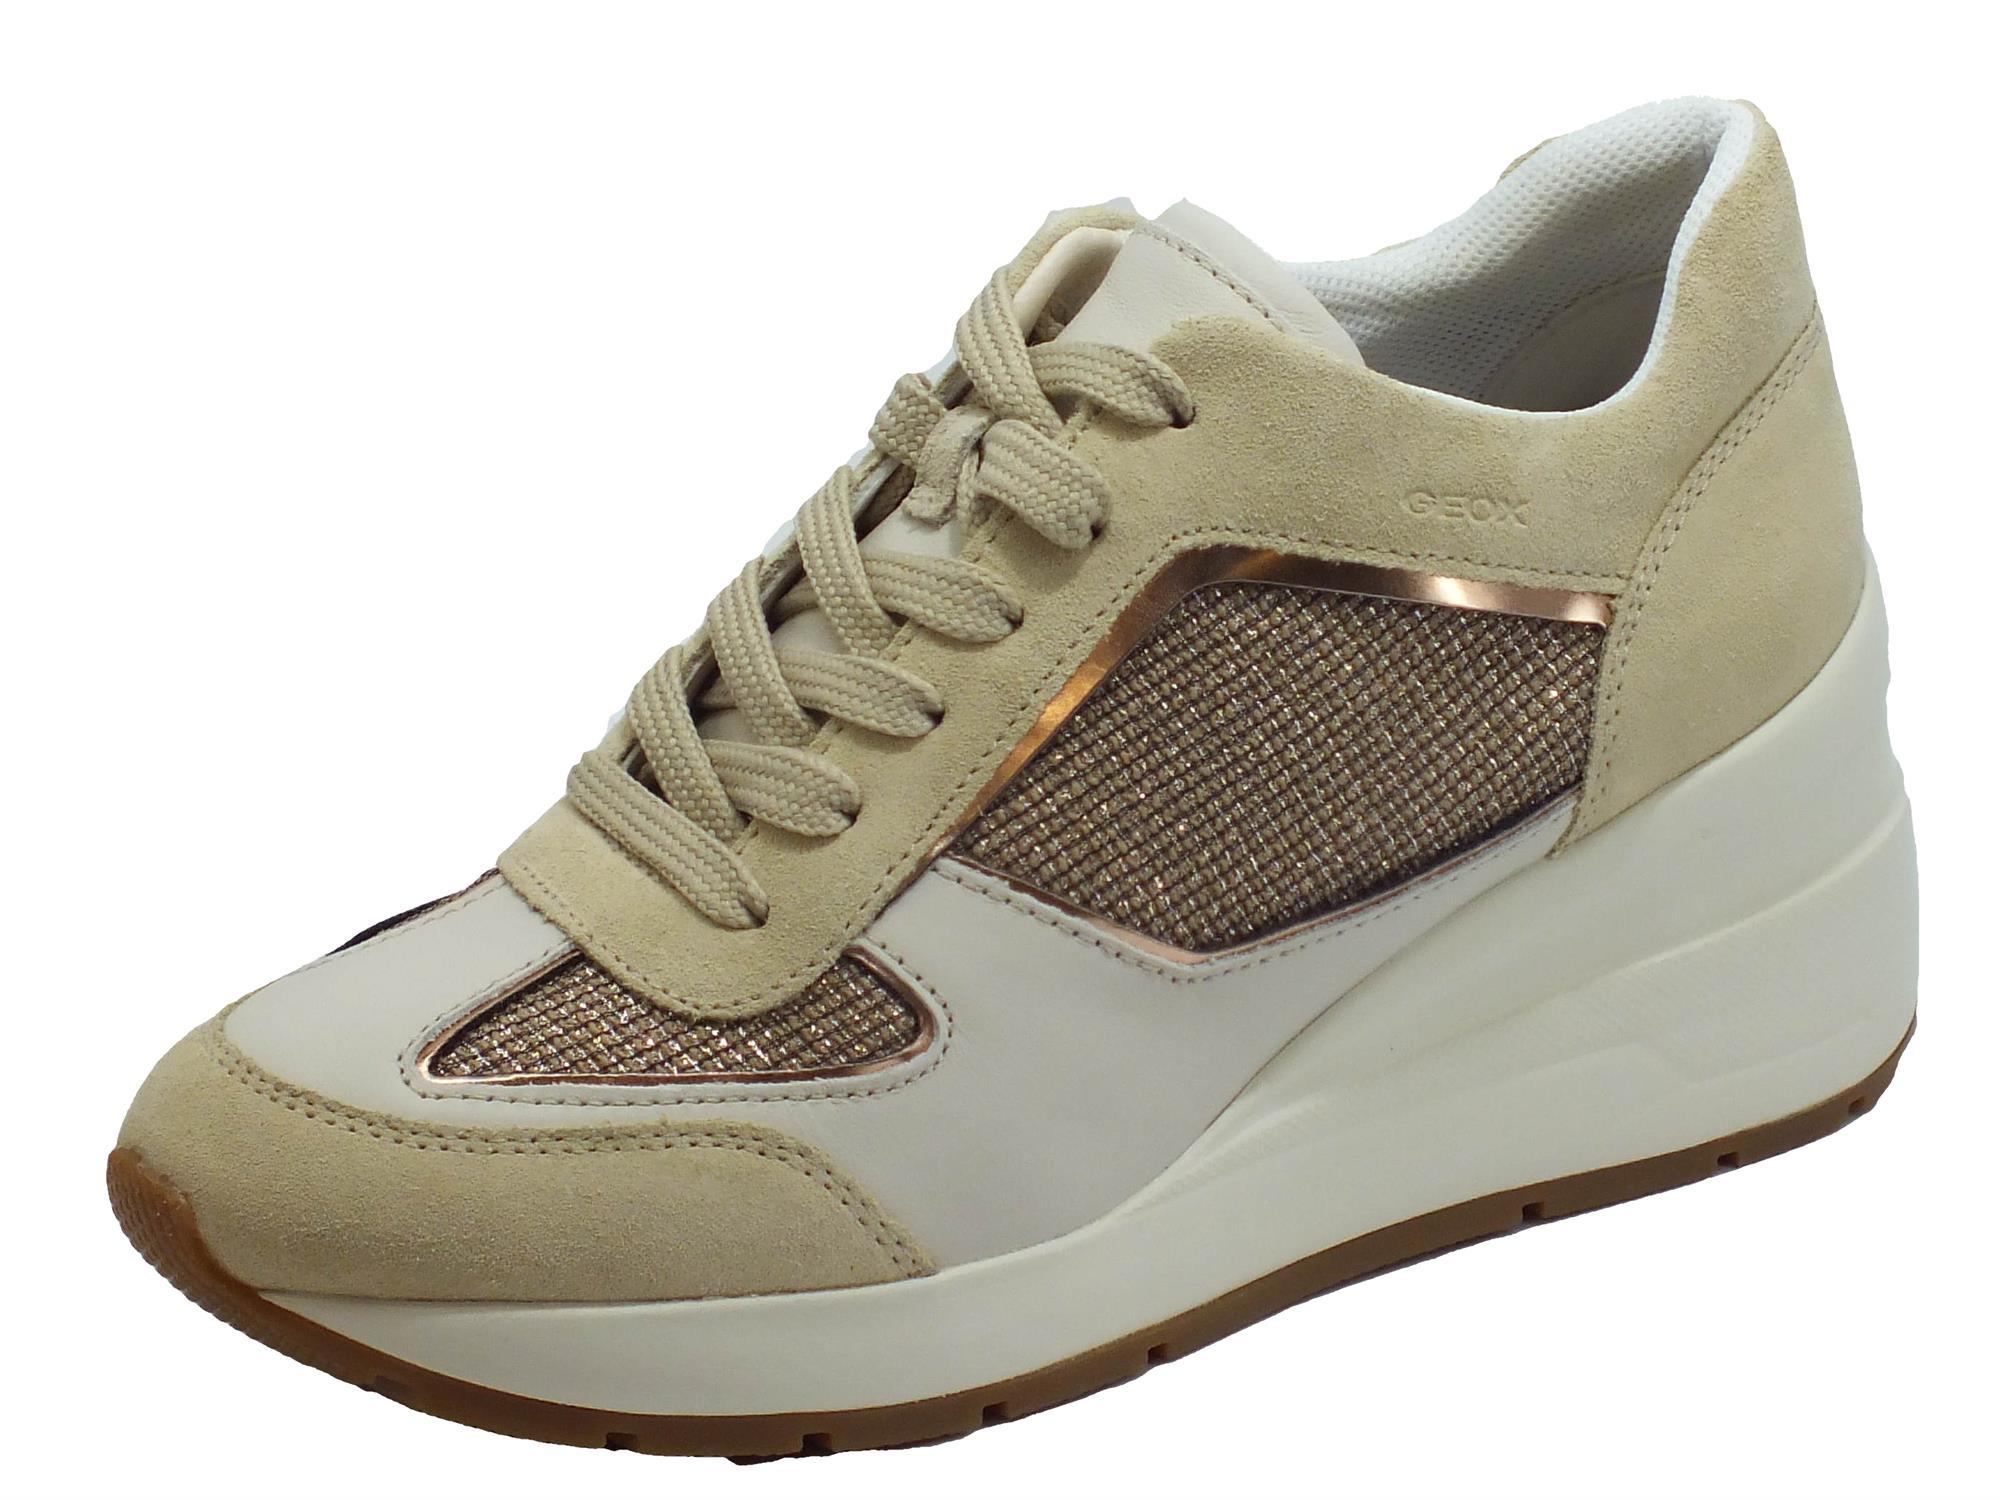 Geox Sneakers Donna in pelle bianca con lampo Nero Oro